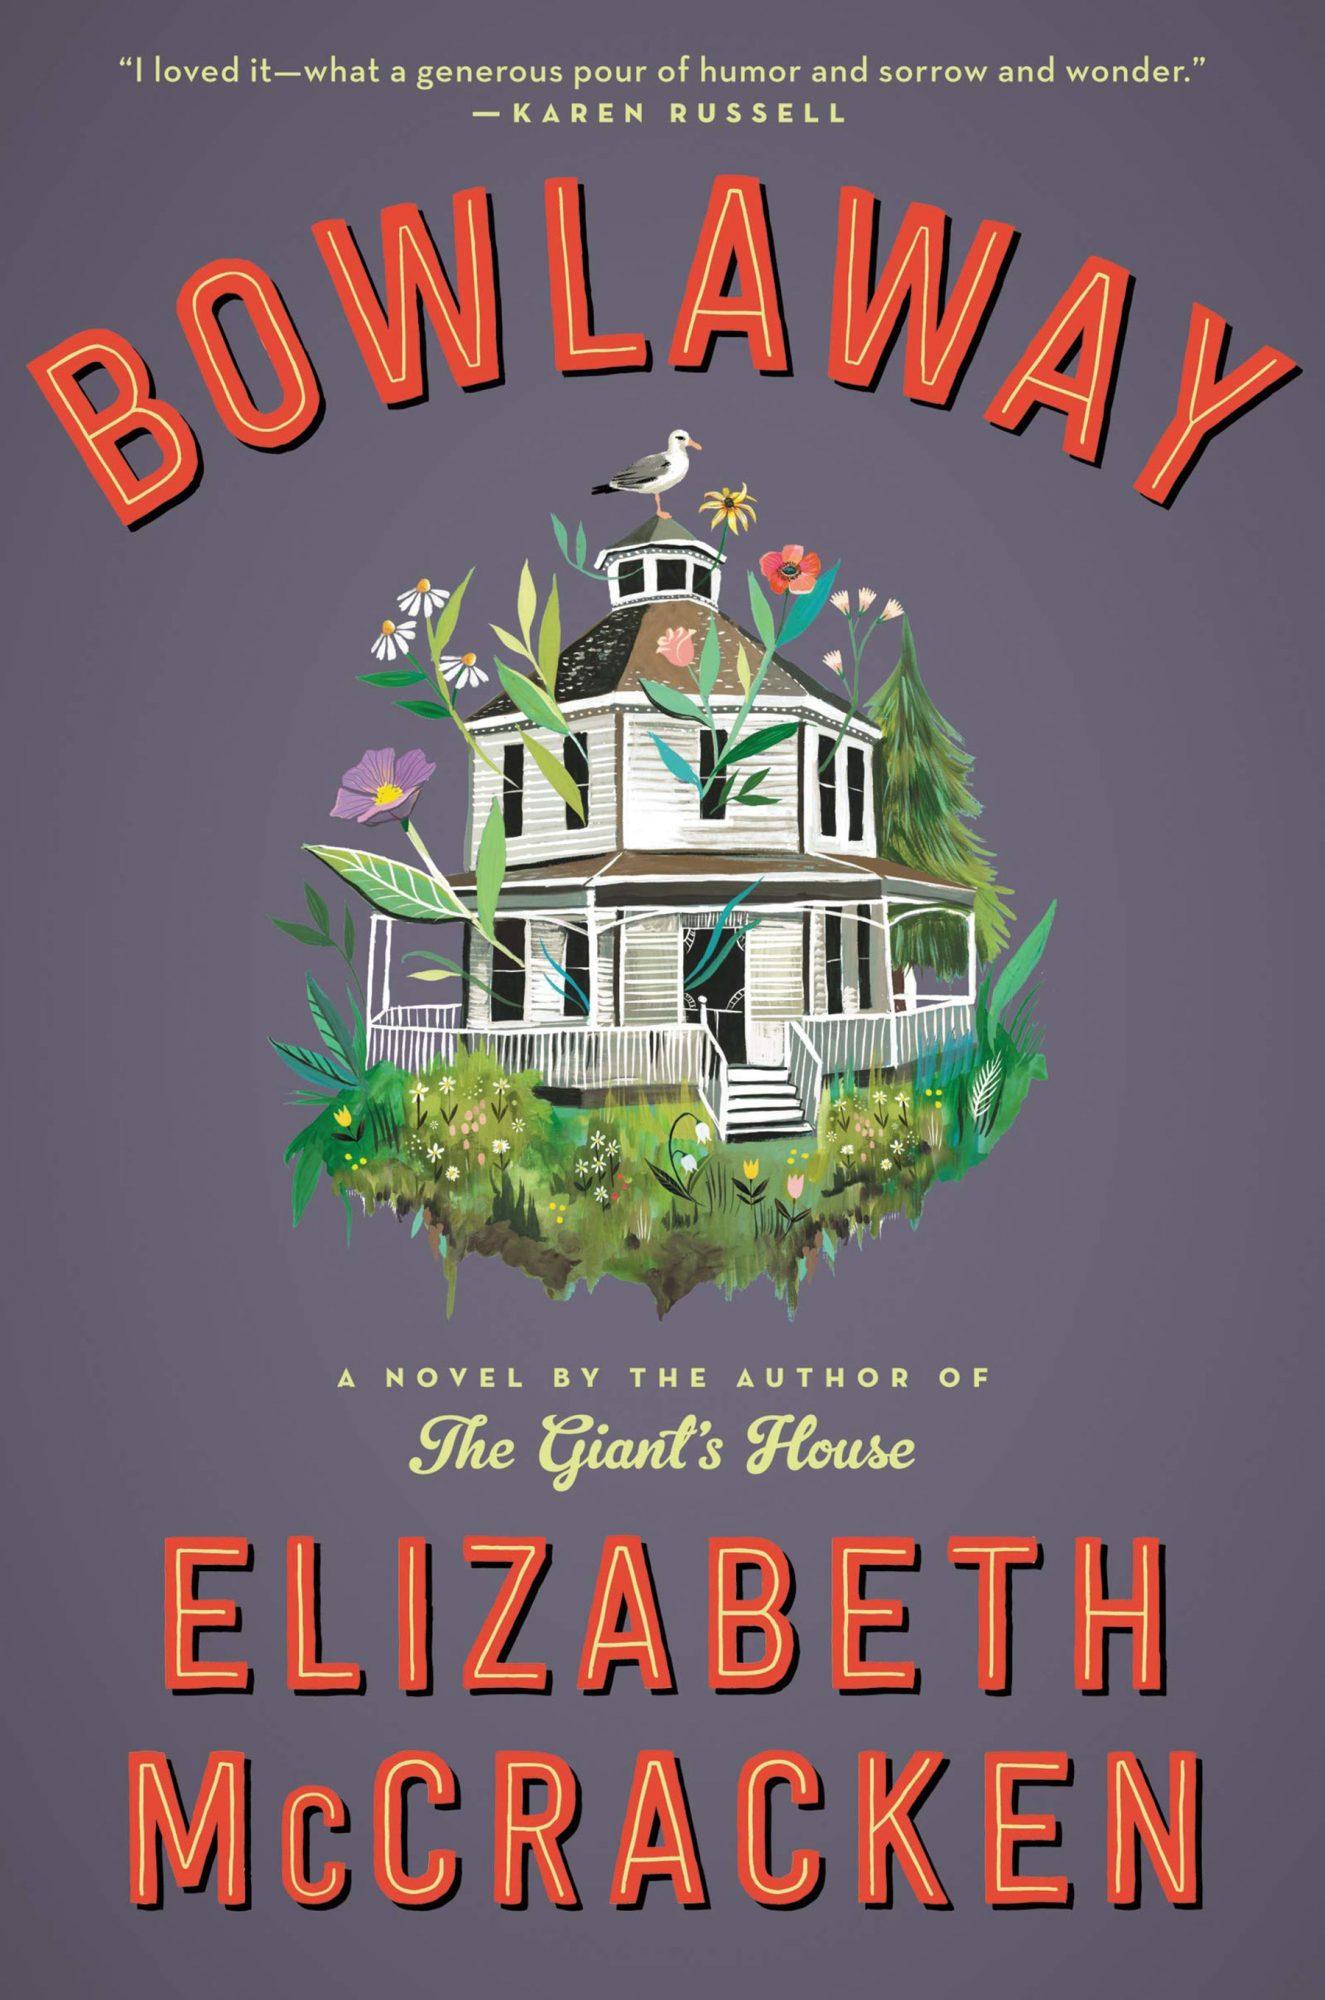 Elizabeth McCracken, BowlawayCredit: Ecco